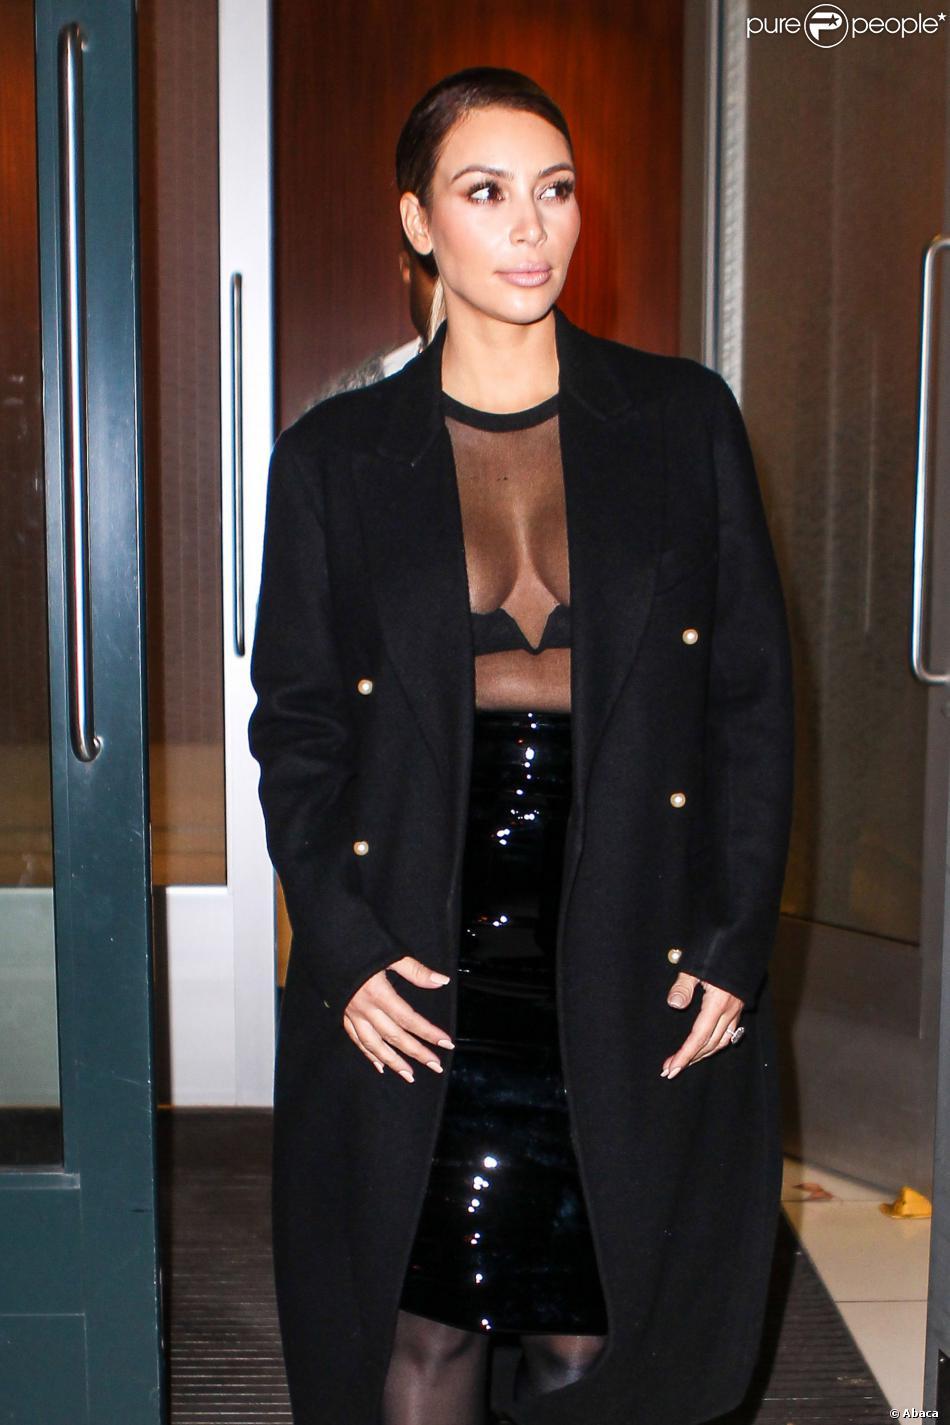 Kim Kardashian et Kanye West sortent de leur appartement le 19 octobre à New York. Kim dévoile sa silouhette impeccable dans une tenue transparente